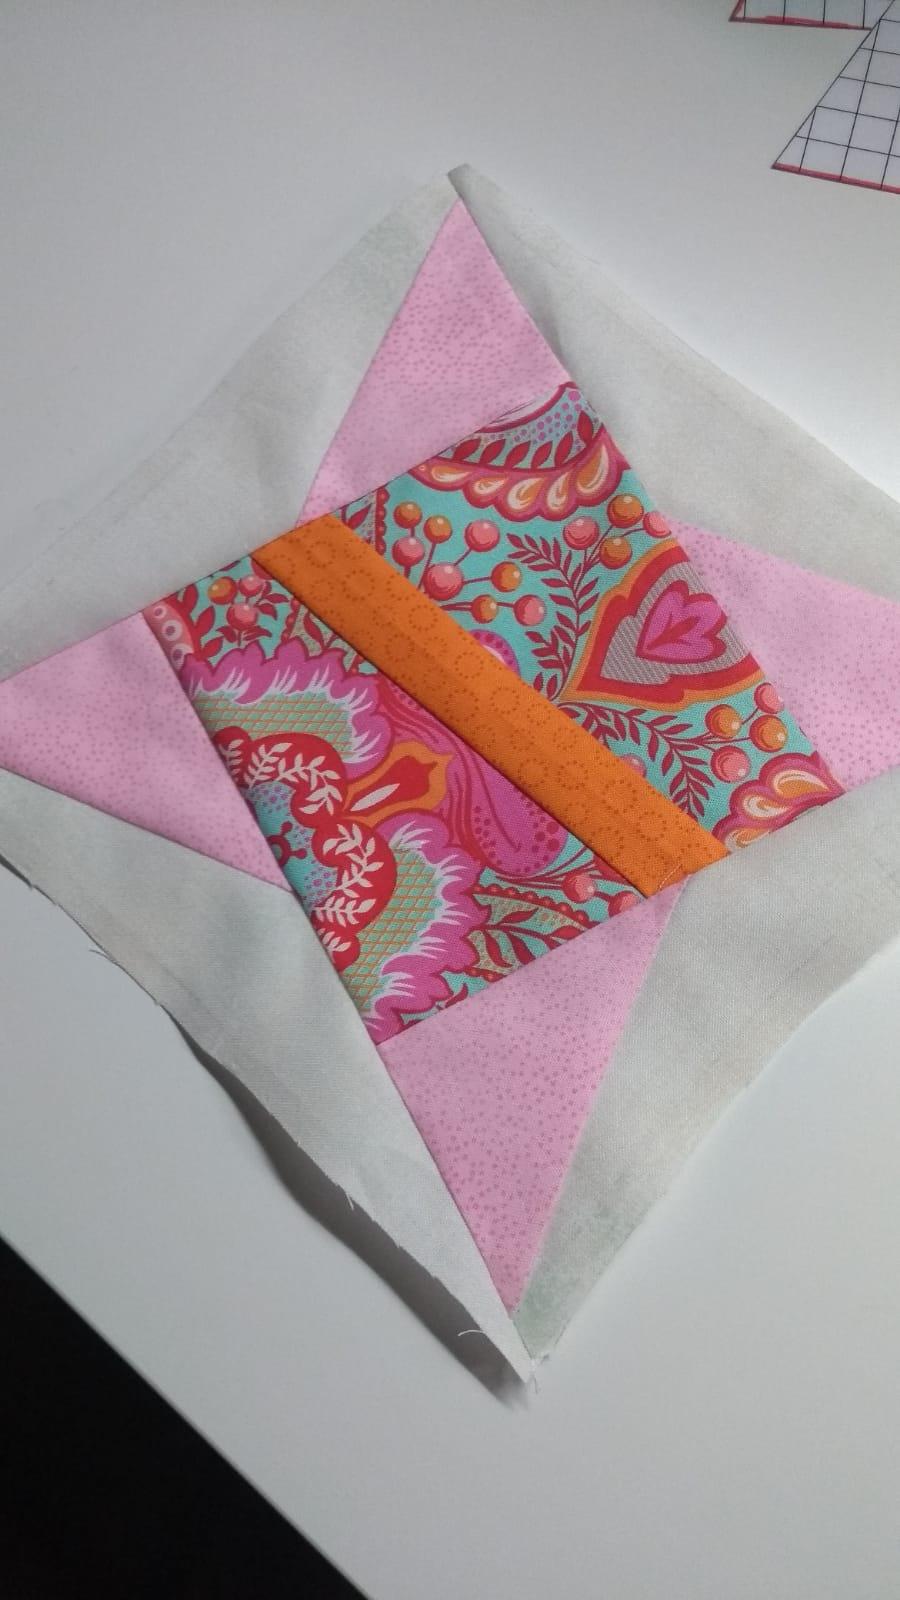 kom patchen op de naaimachine met Marina